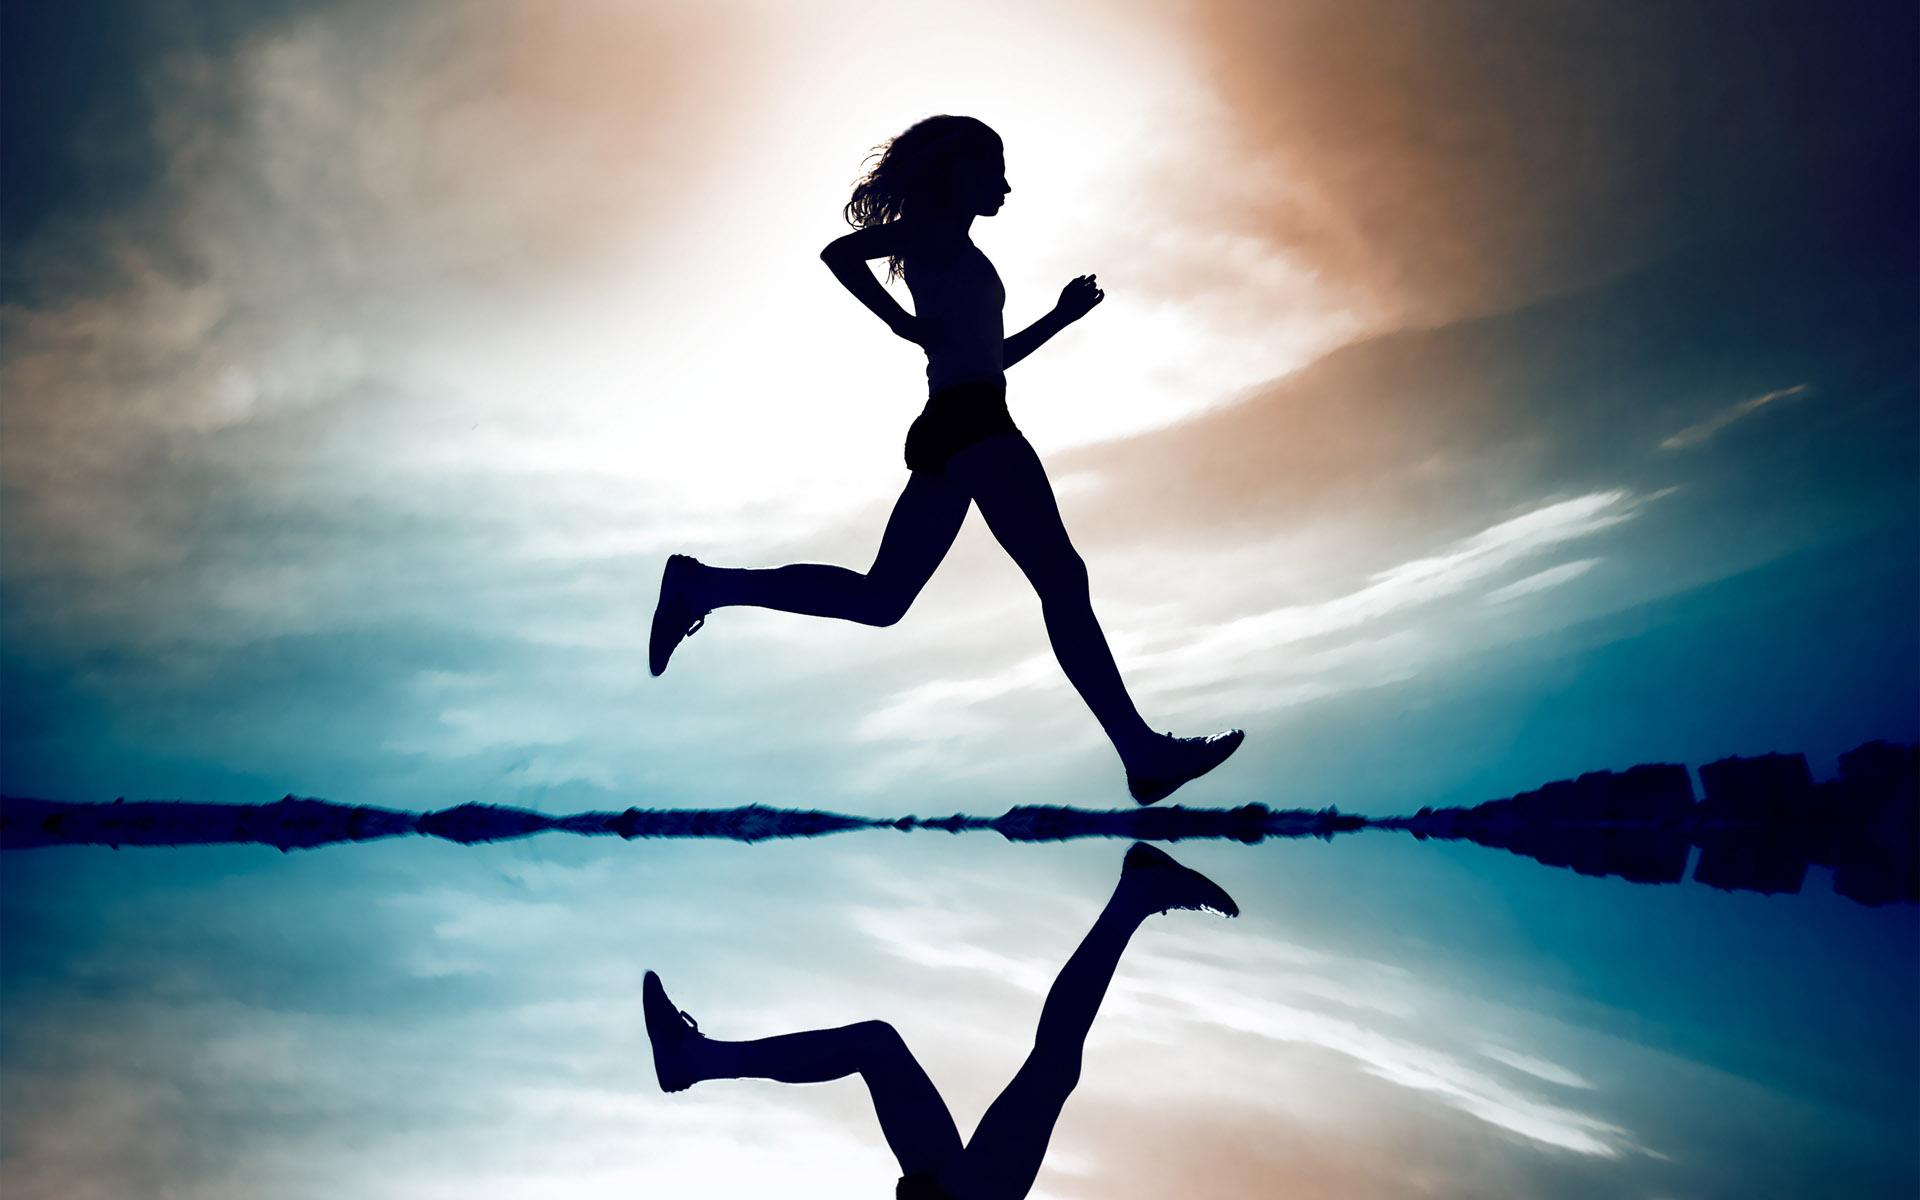 движение здоровый образ картинки хинкальная